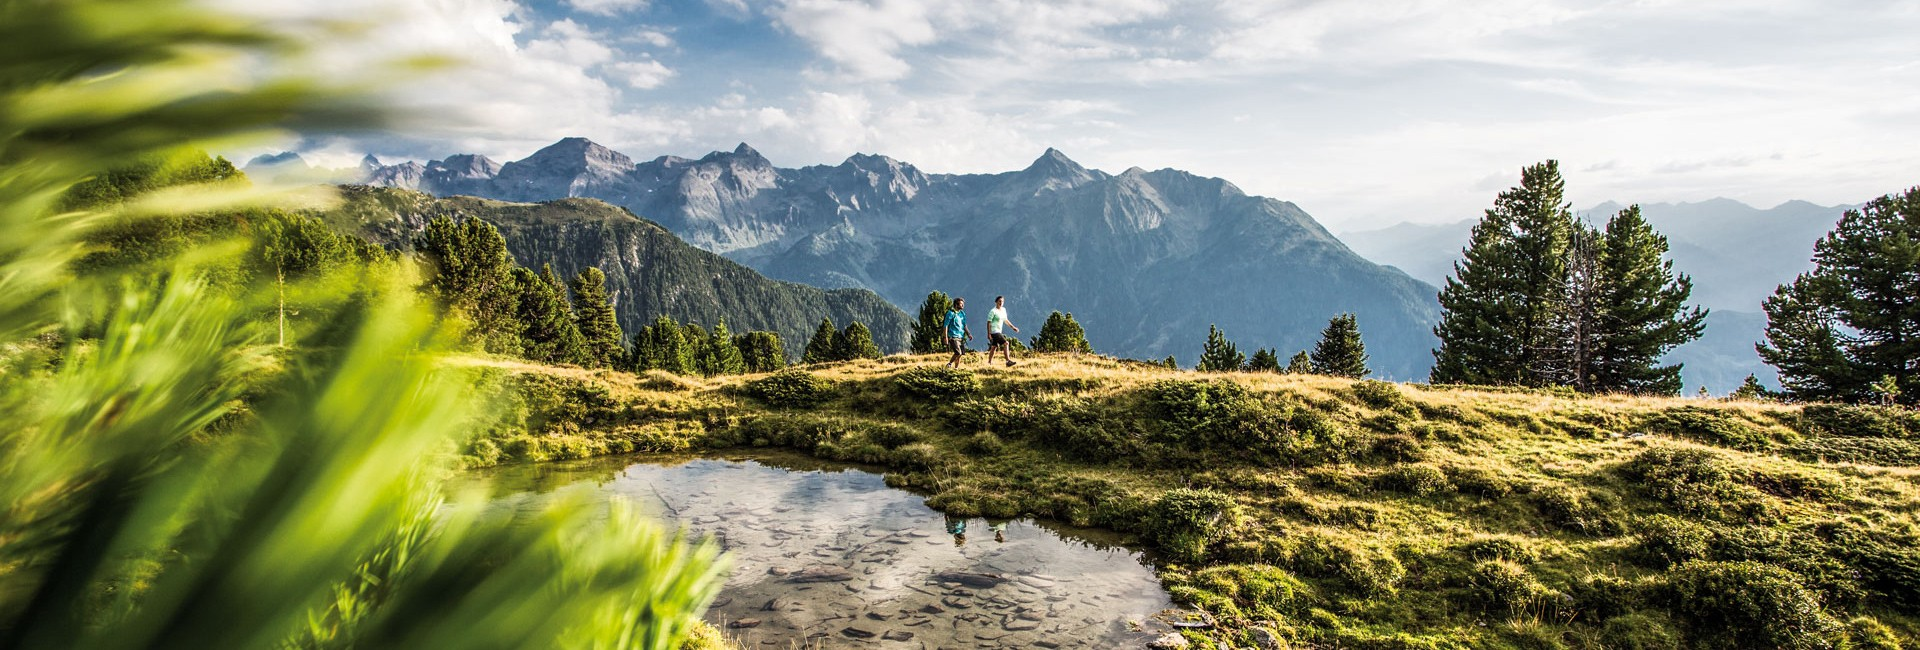 Wanderung Sechszeiger Gipfelkreuz im Pitztal